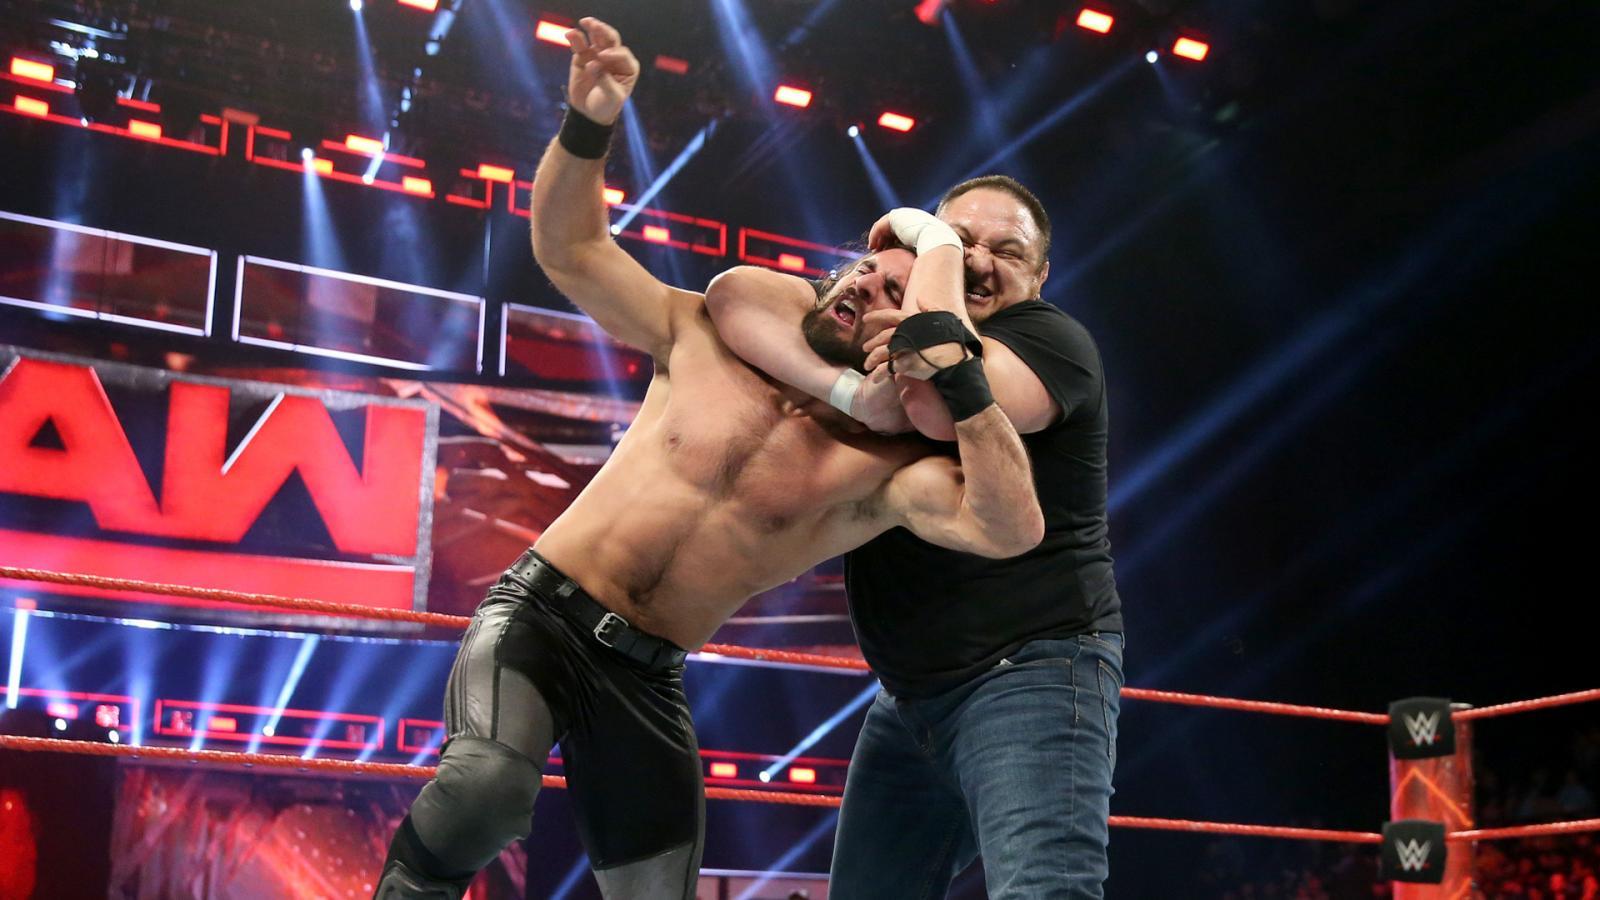 اجتماع طارئ للمسؤولين في WWE بعد إصابة سيث رولينز لبحث الخطط البديلة!